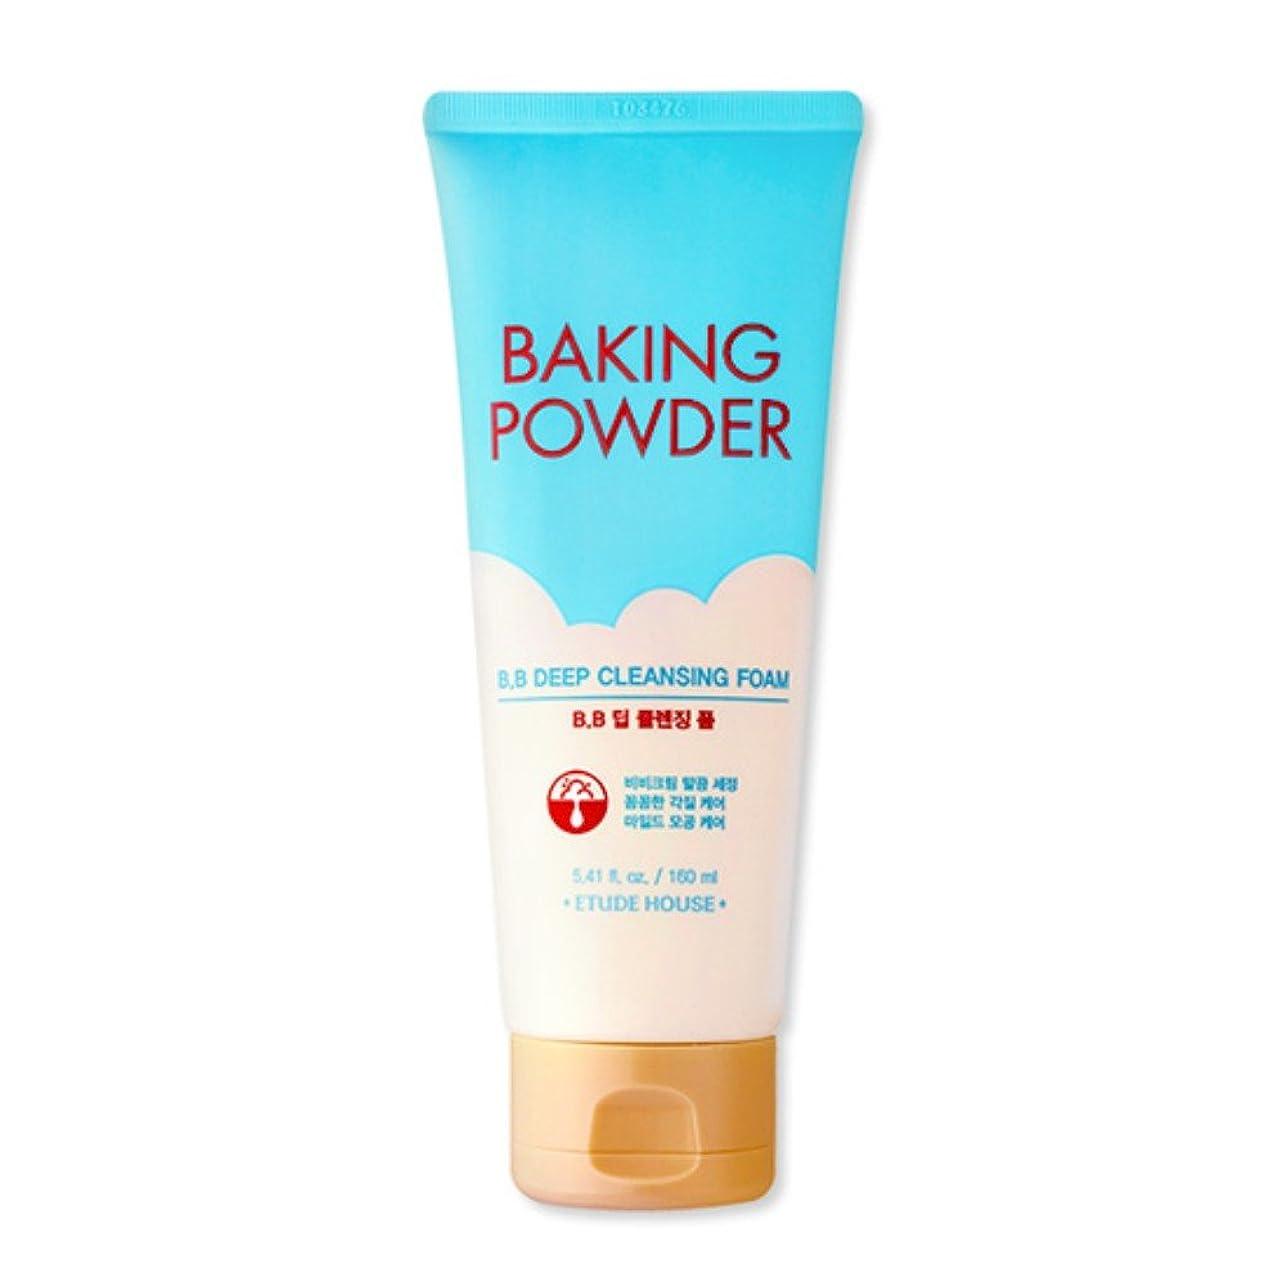 スリットことわざクアッガ[2016 Upgrade!] ETUDE HOUSE Baking Powder B.B Deep Cleansing Foam 160ml/エチュードハウス ベーキング パウダー B.B ディープ クレンジング フォーム 160ml